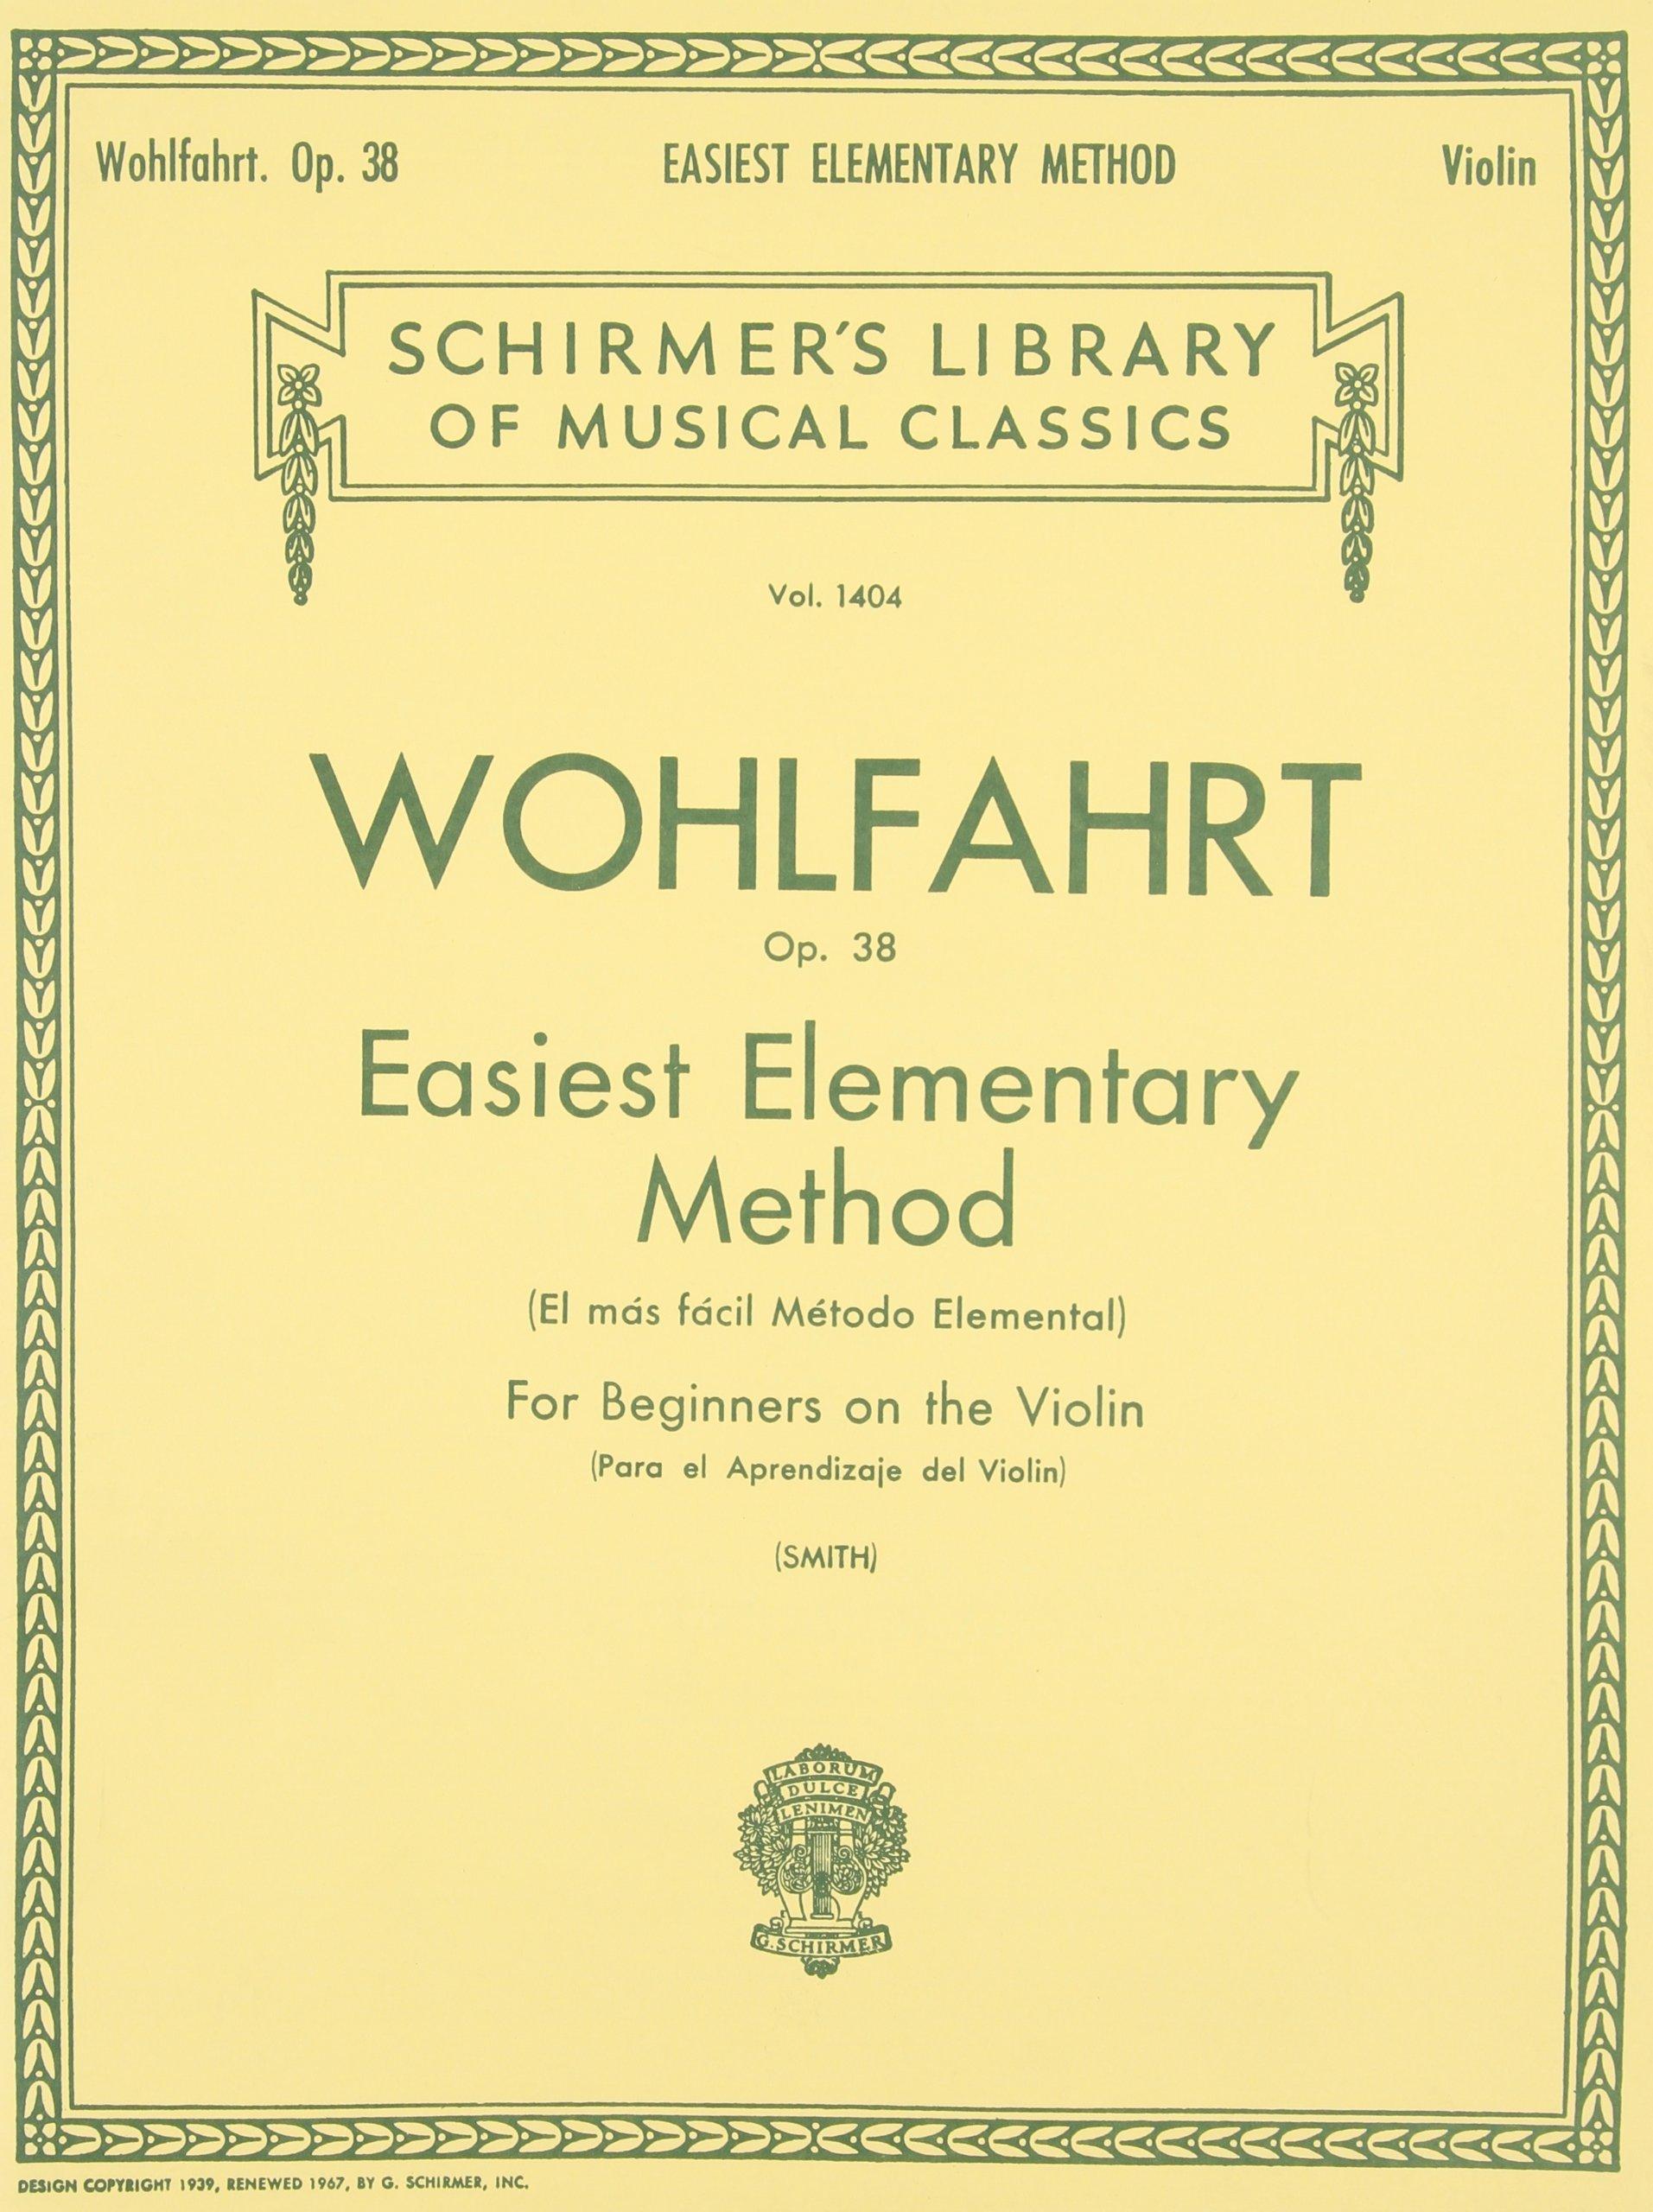 Easiest Elementary Method for Beginners, Op. 38: Violin Method